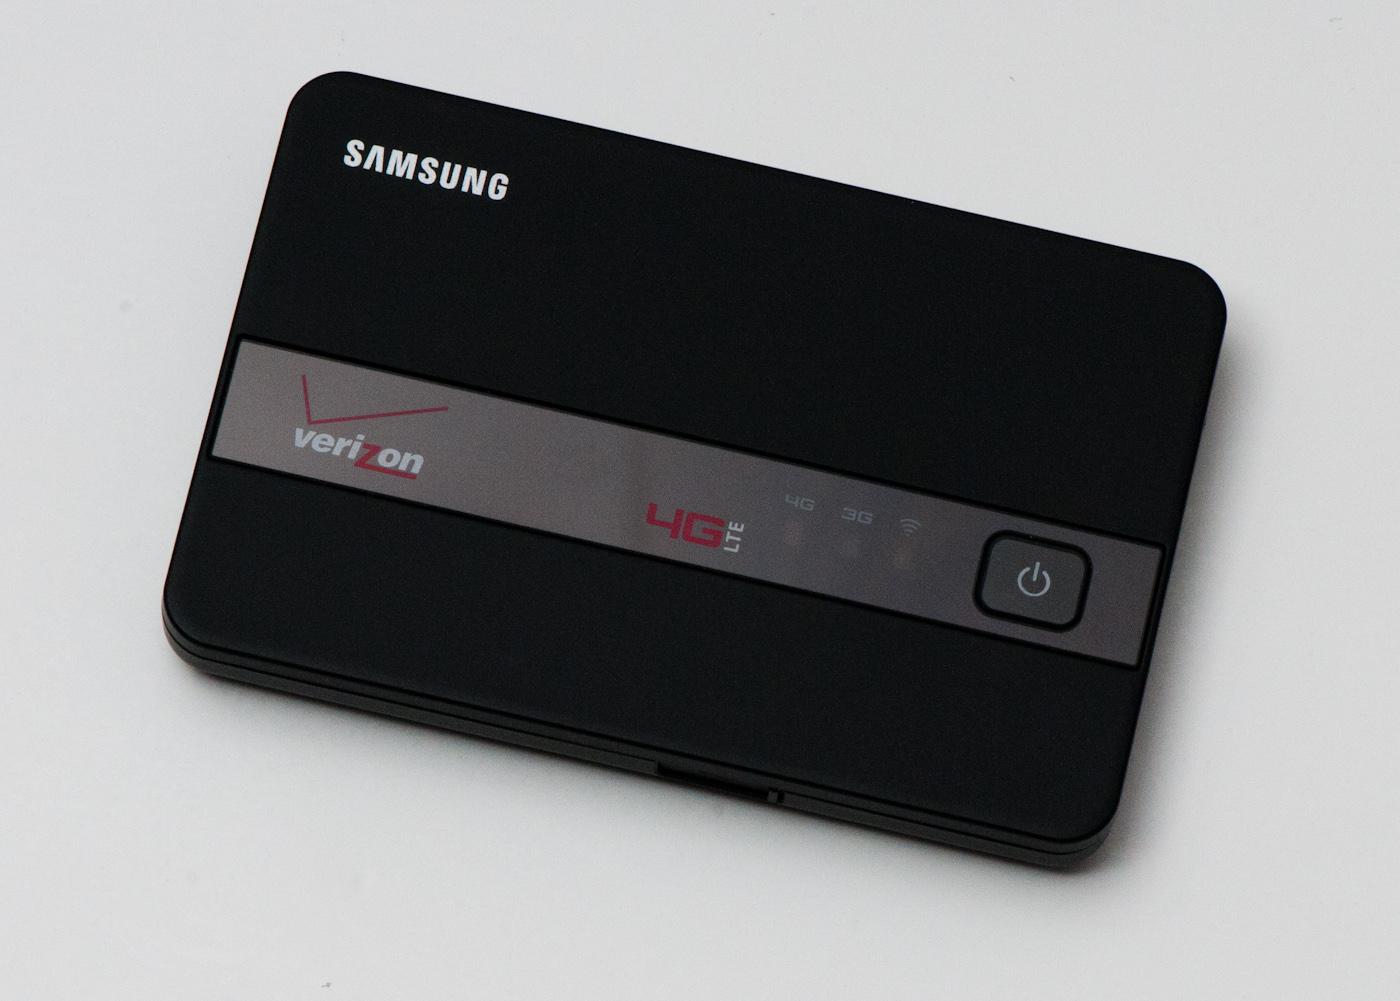 Lte Hotspot Samsung Sch Lc11 Verizon 4g Lte Two